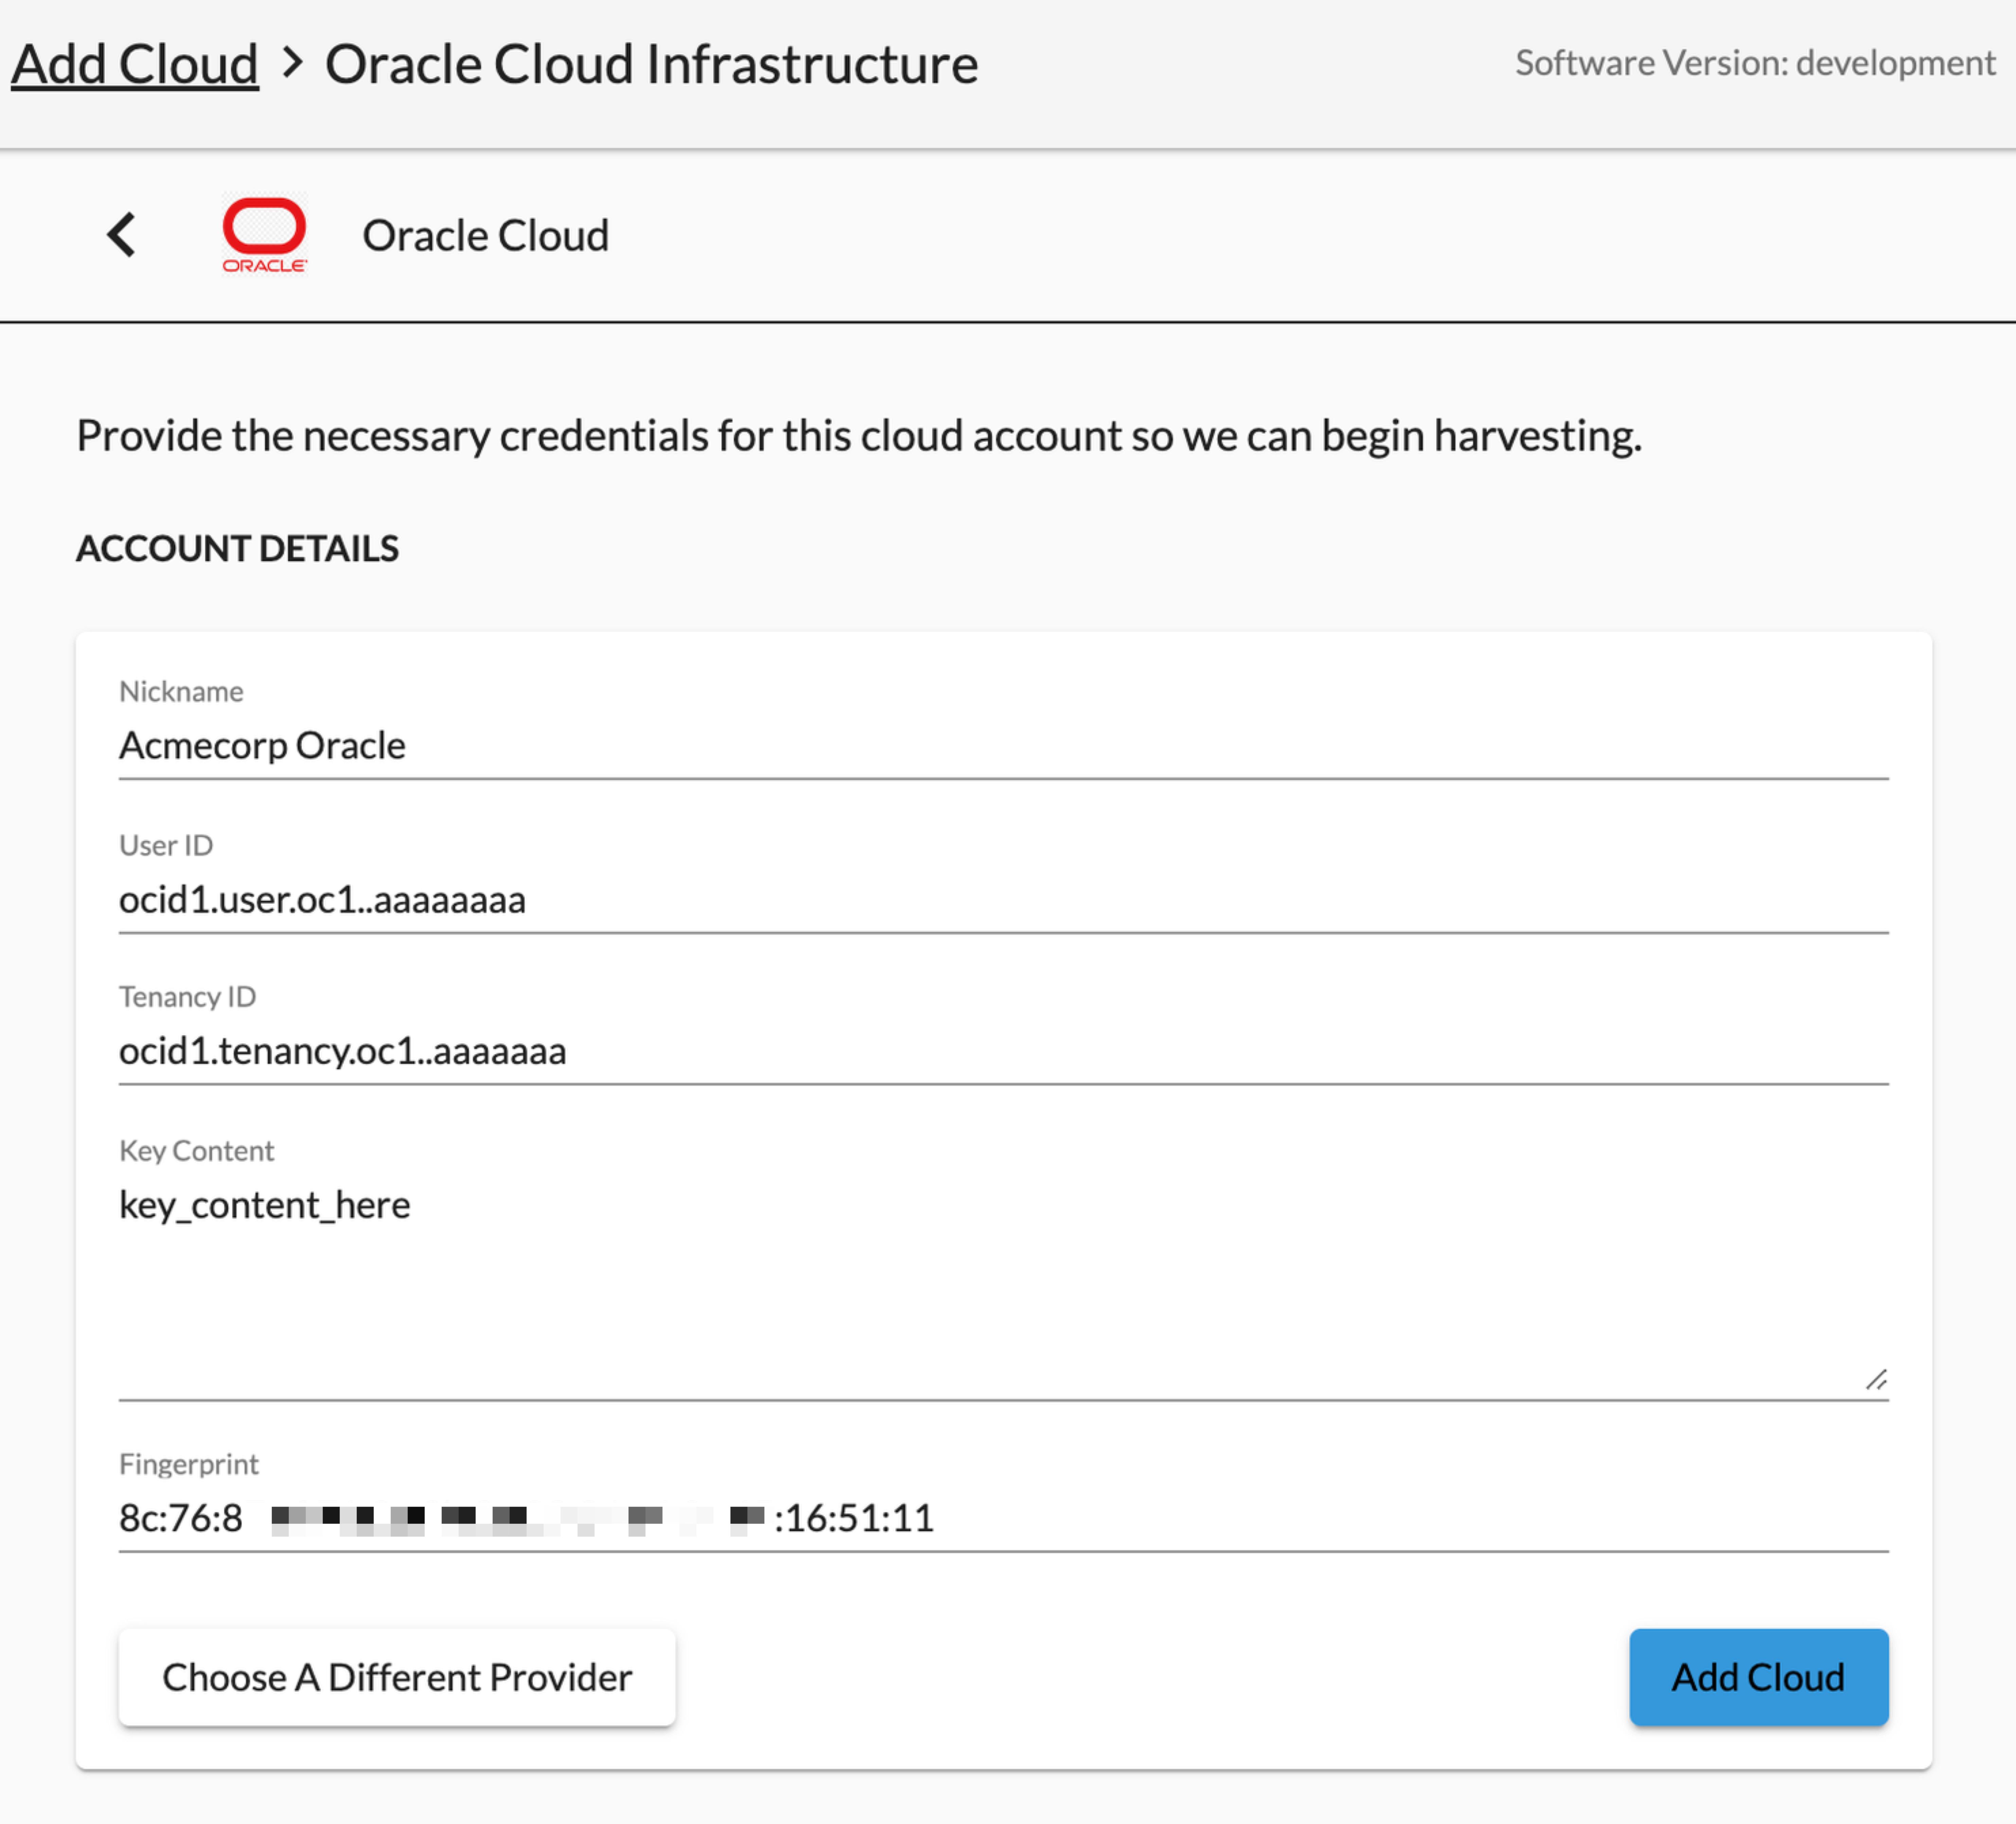 InsightCloudSec - Add a Cloud